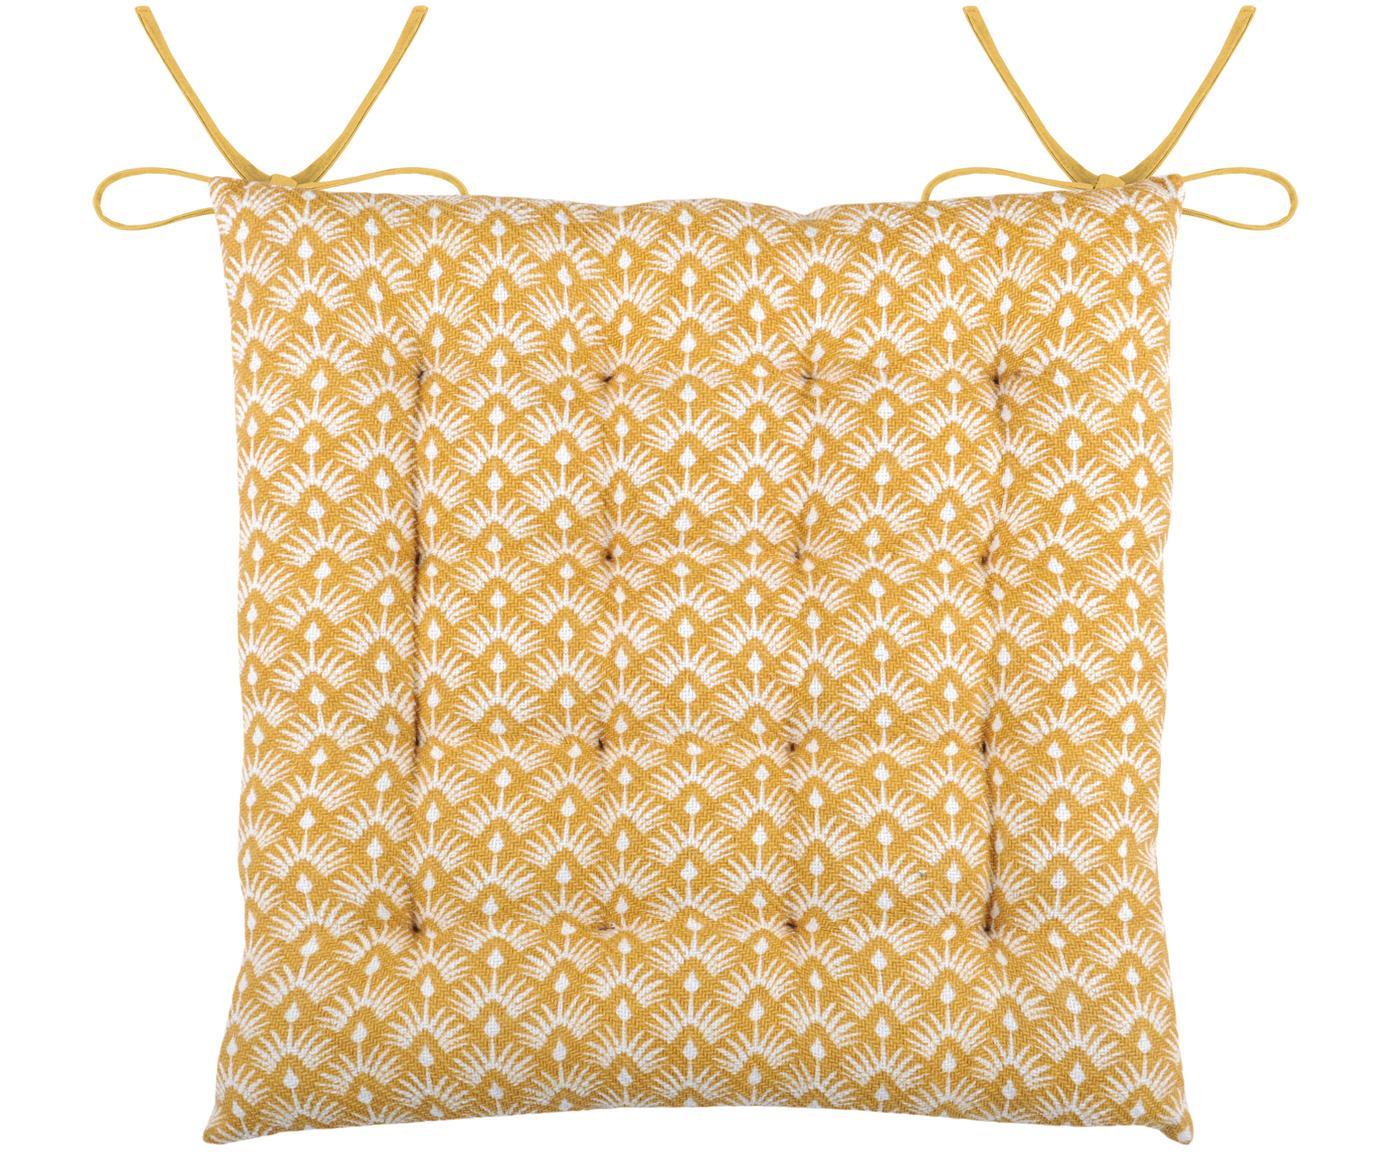 Dwustronna poduszka na krzesło Palma, Musztardowy, biały, S 40 x D 40 cm